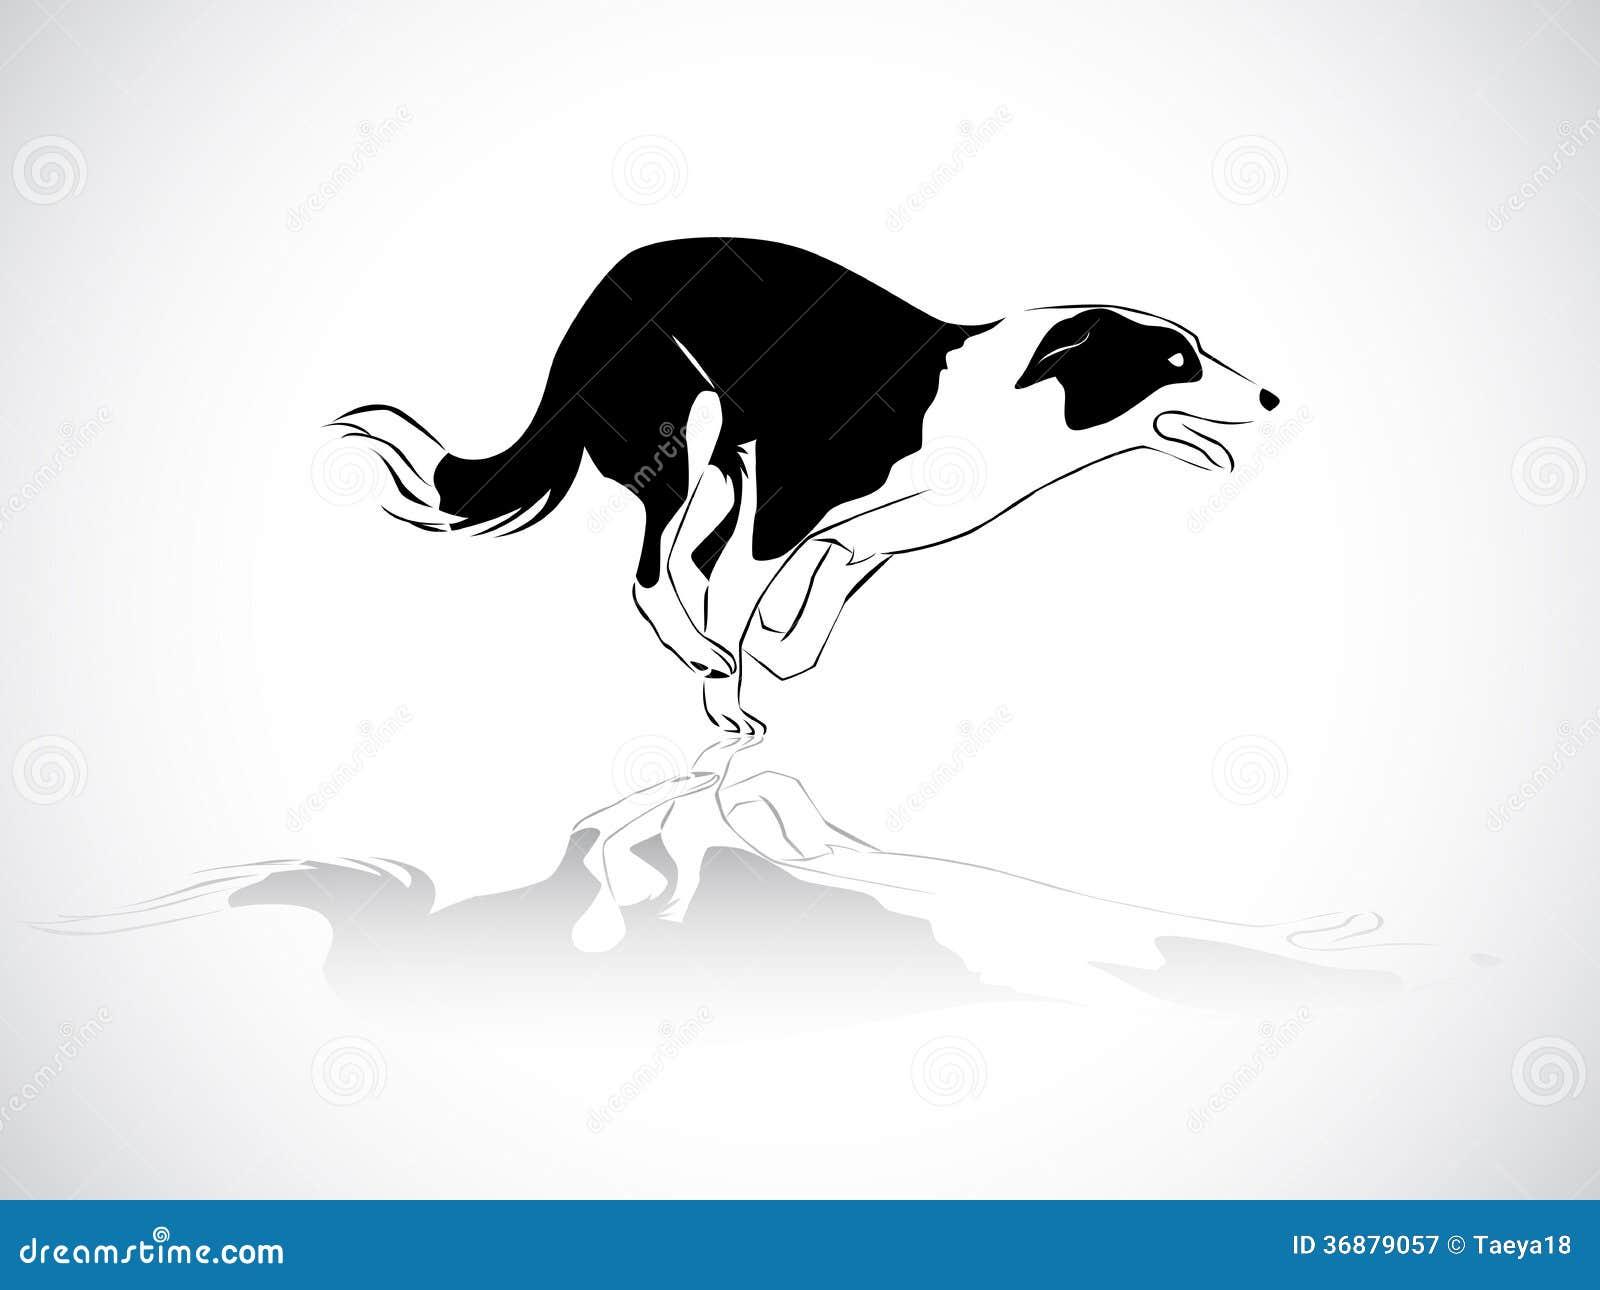 Download Funzionamento Del Cane Da Pastore Illustrazione di Stock - Illustrazione di animale, siluetta: 36879057